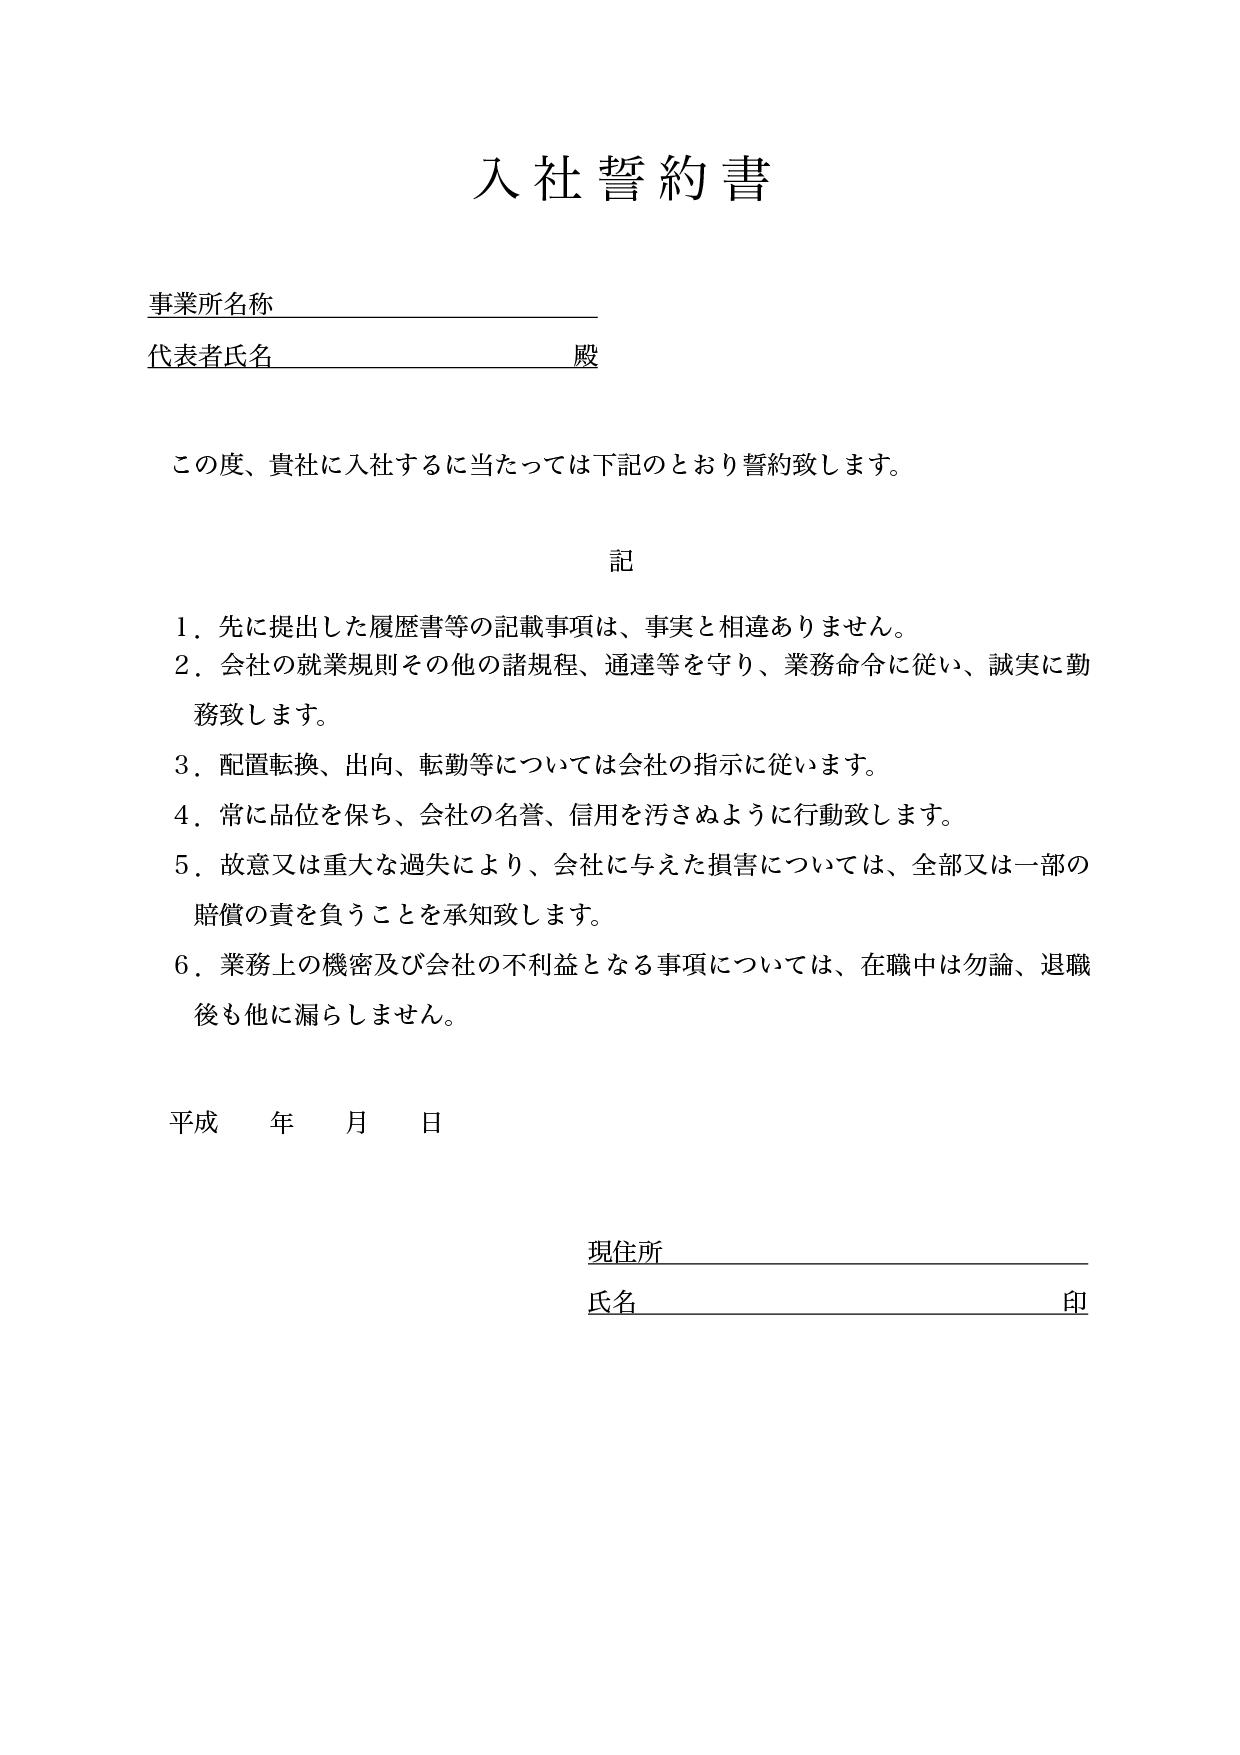 入社誓約書 テンプレート(ワード・ページズ)